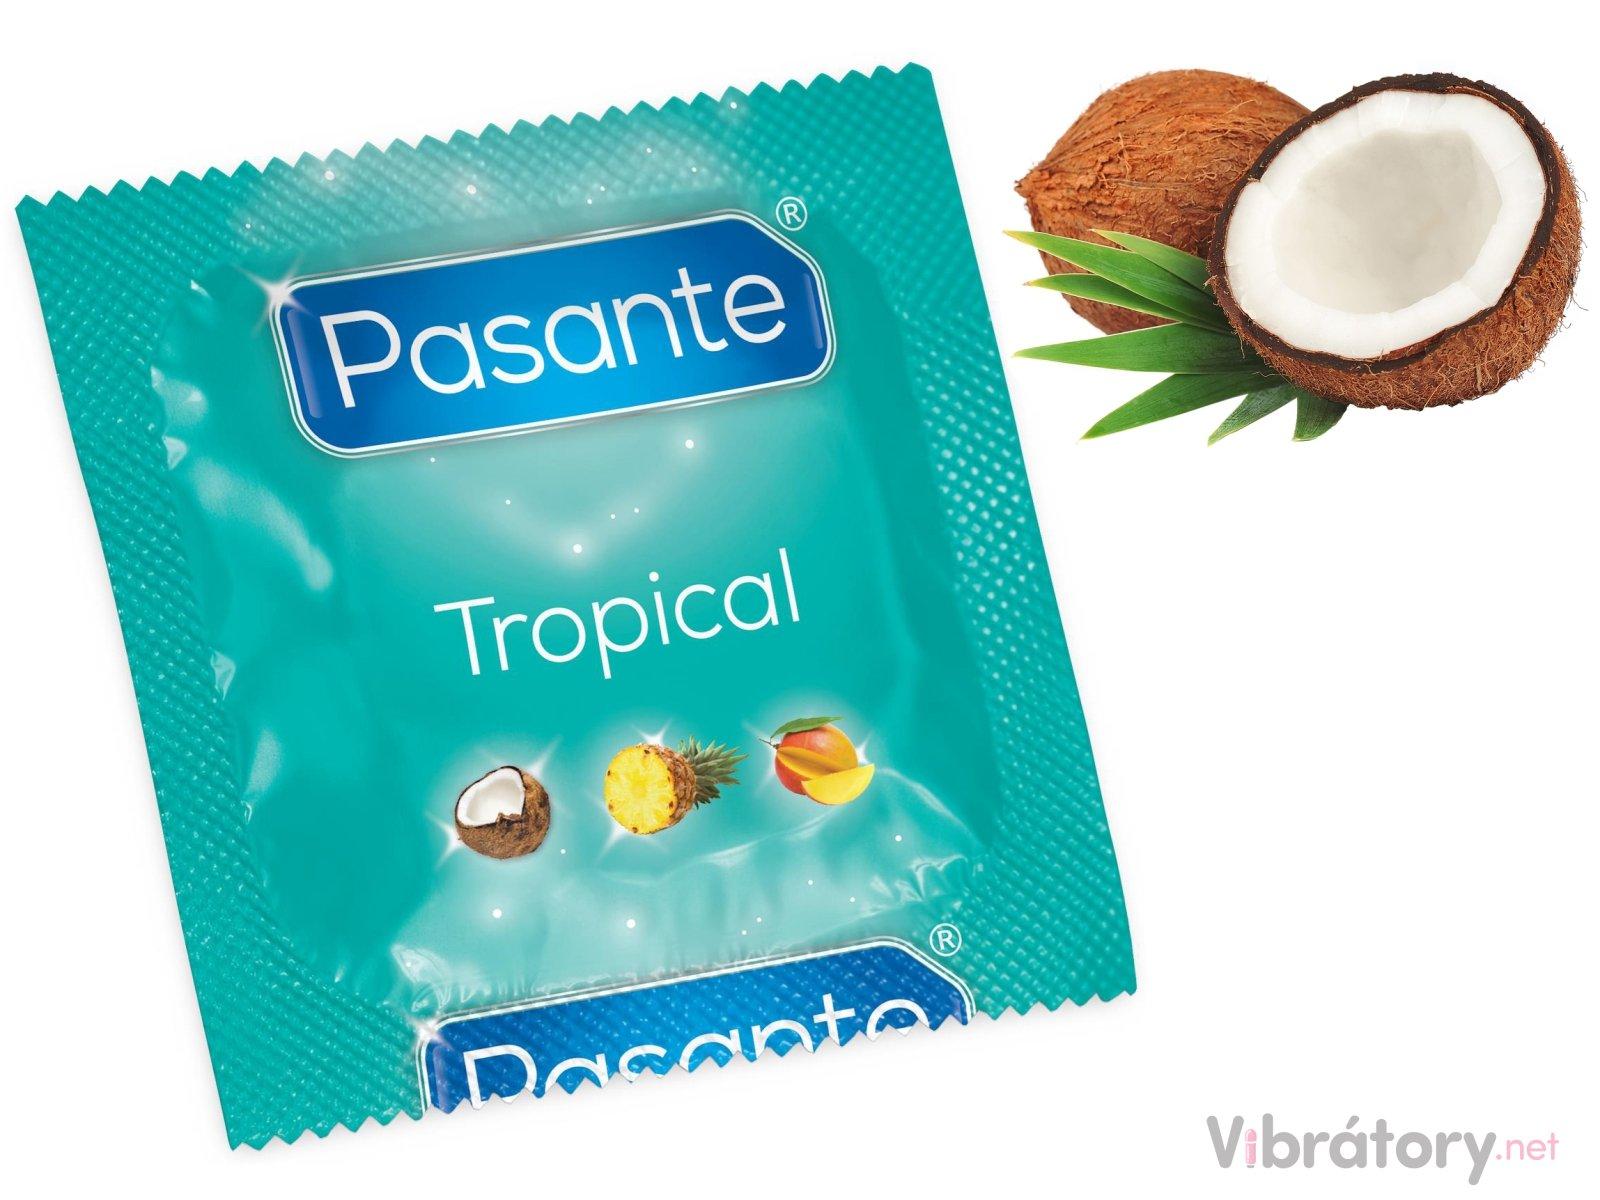 Pasante Kondom Tropical Coconut - kokos, 1 ks